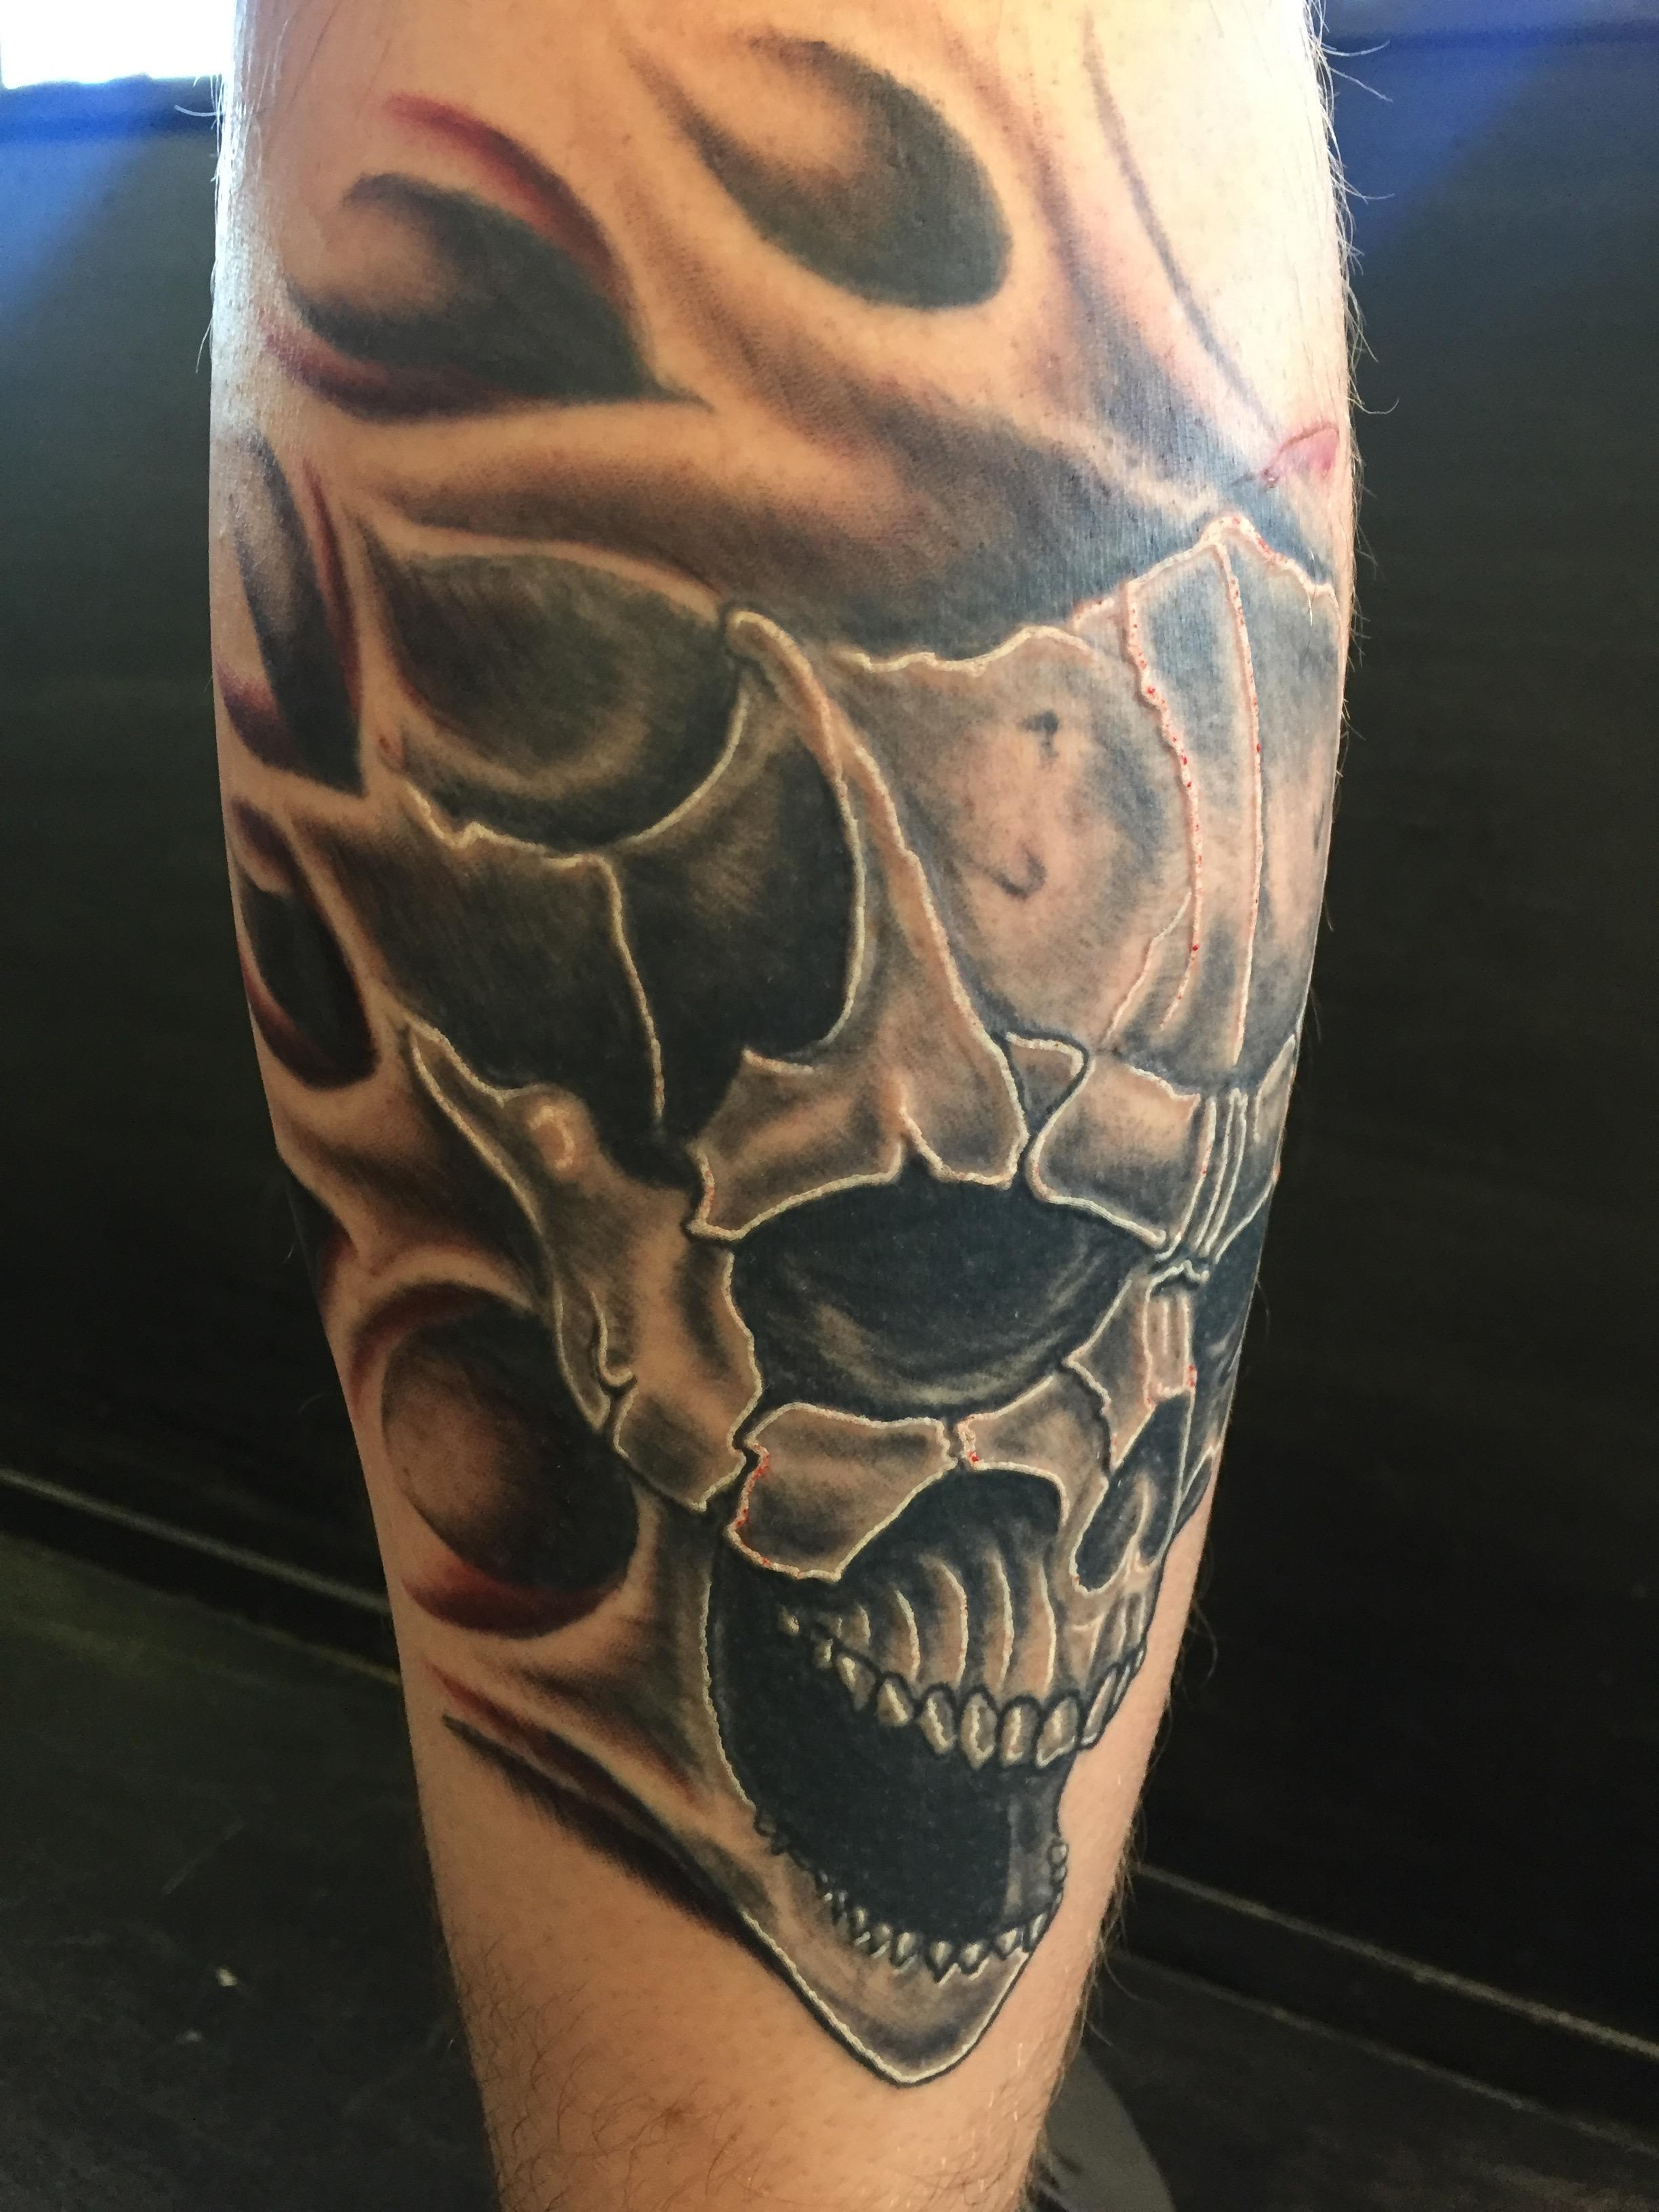 shaded black evil skull